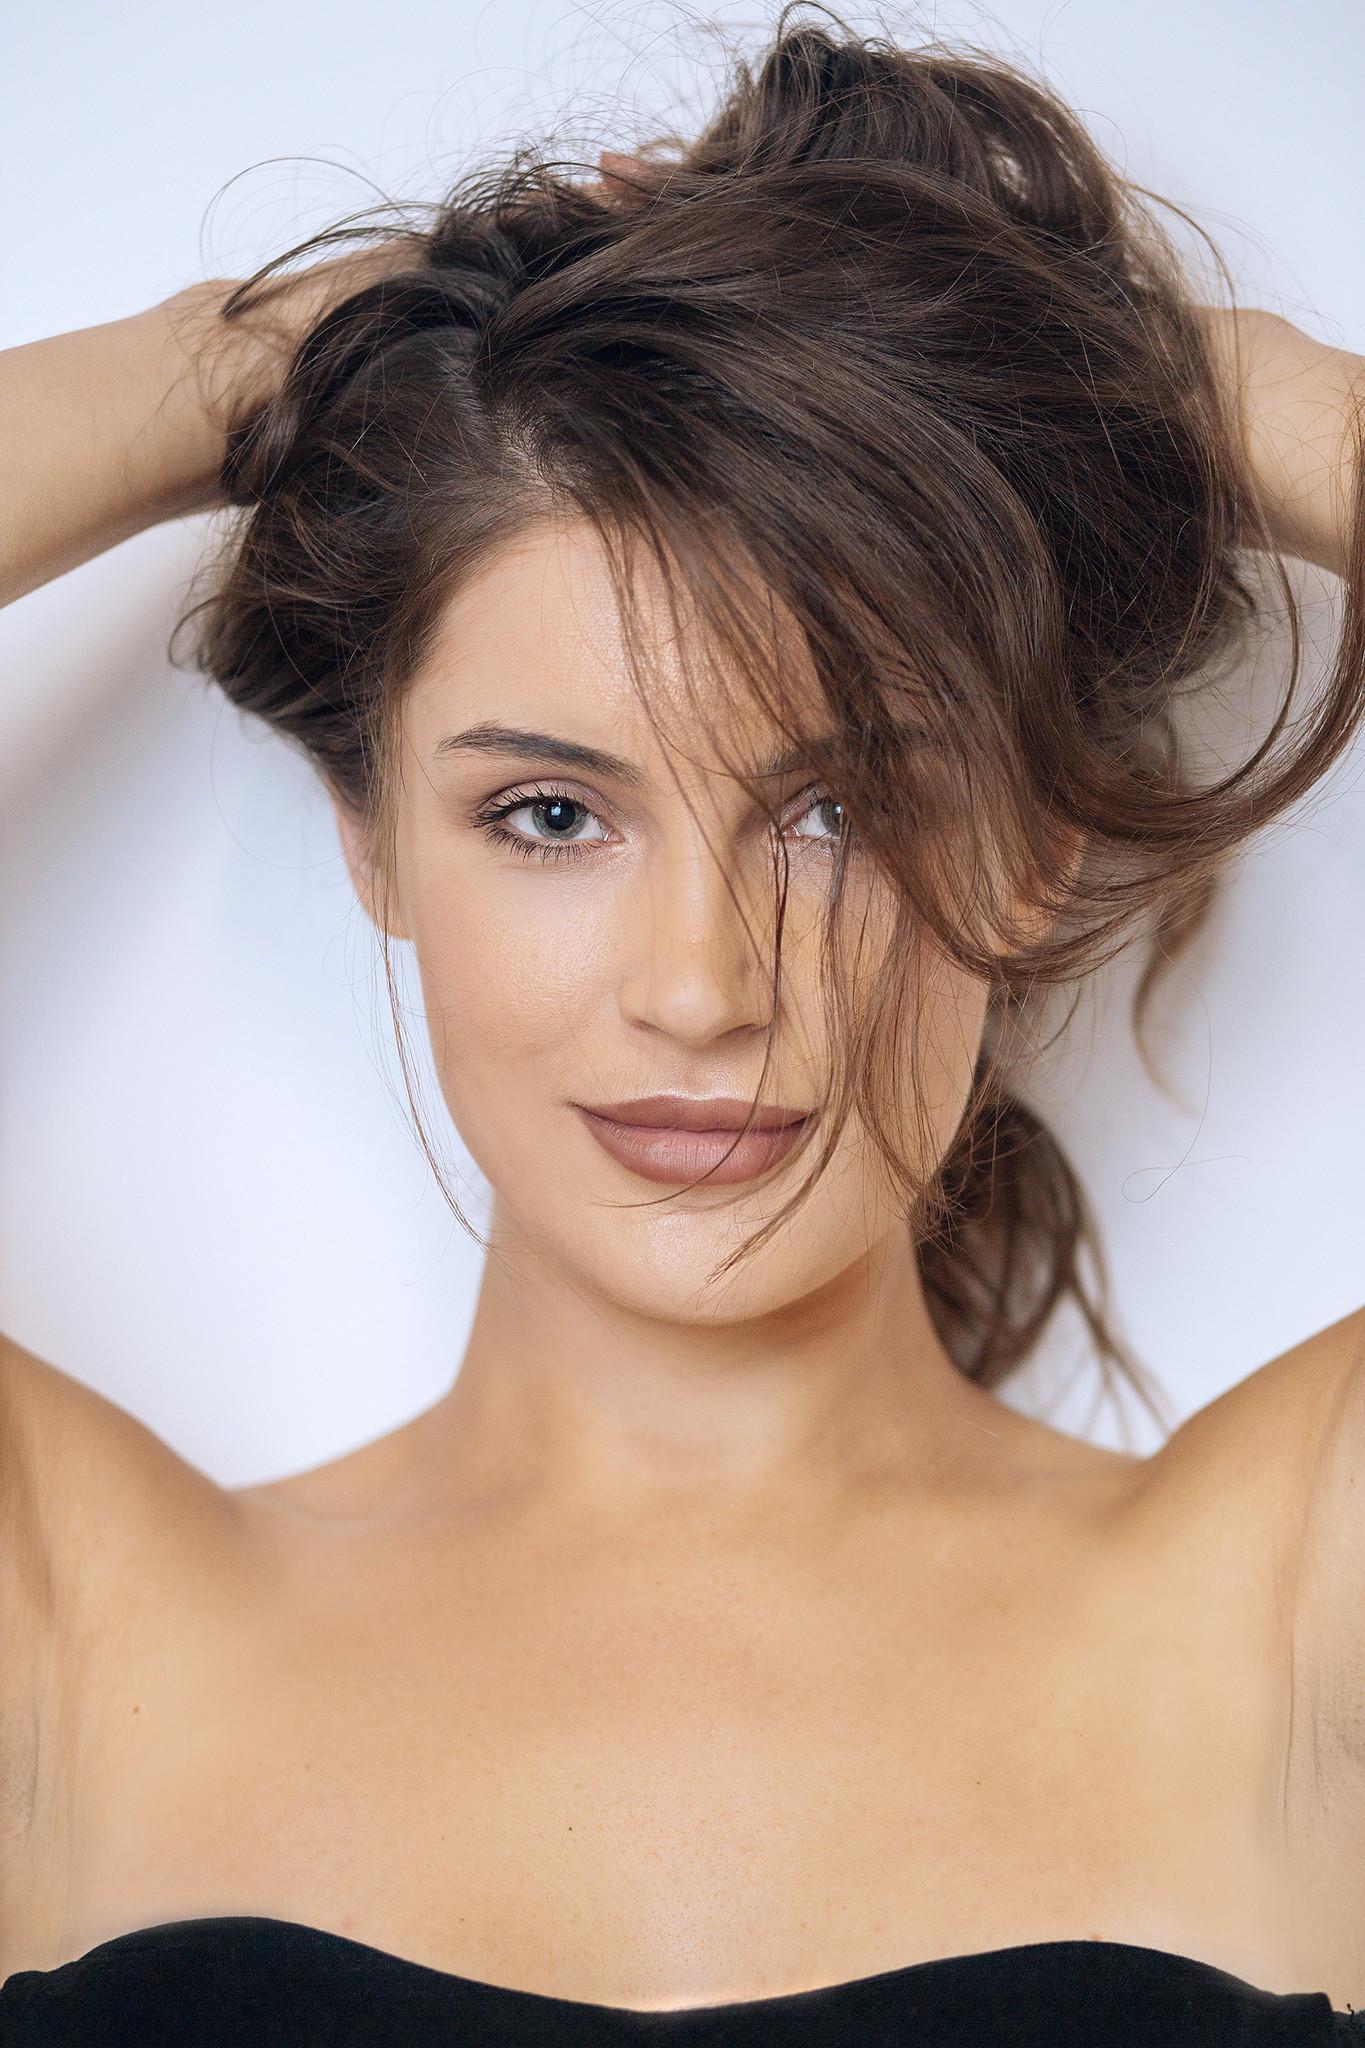 Model's portfolio by Diana Novikova/Splento